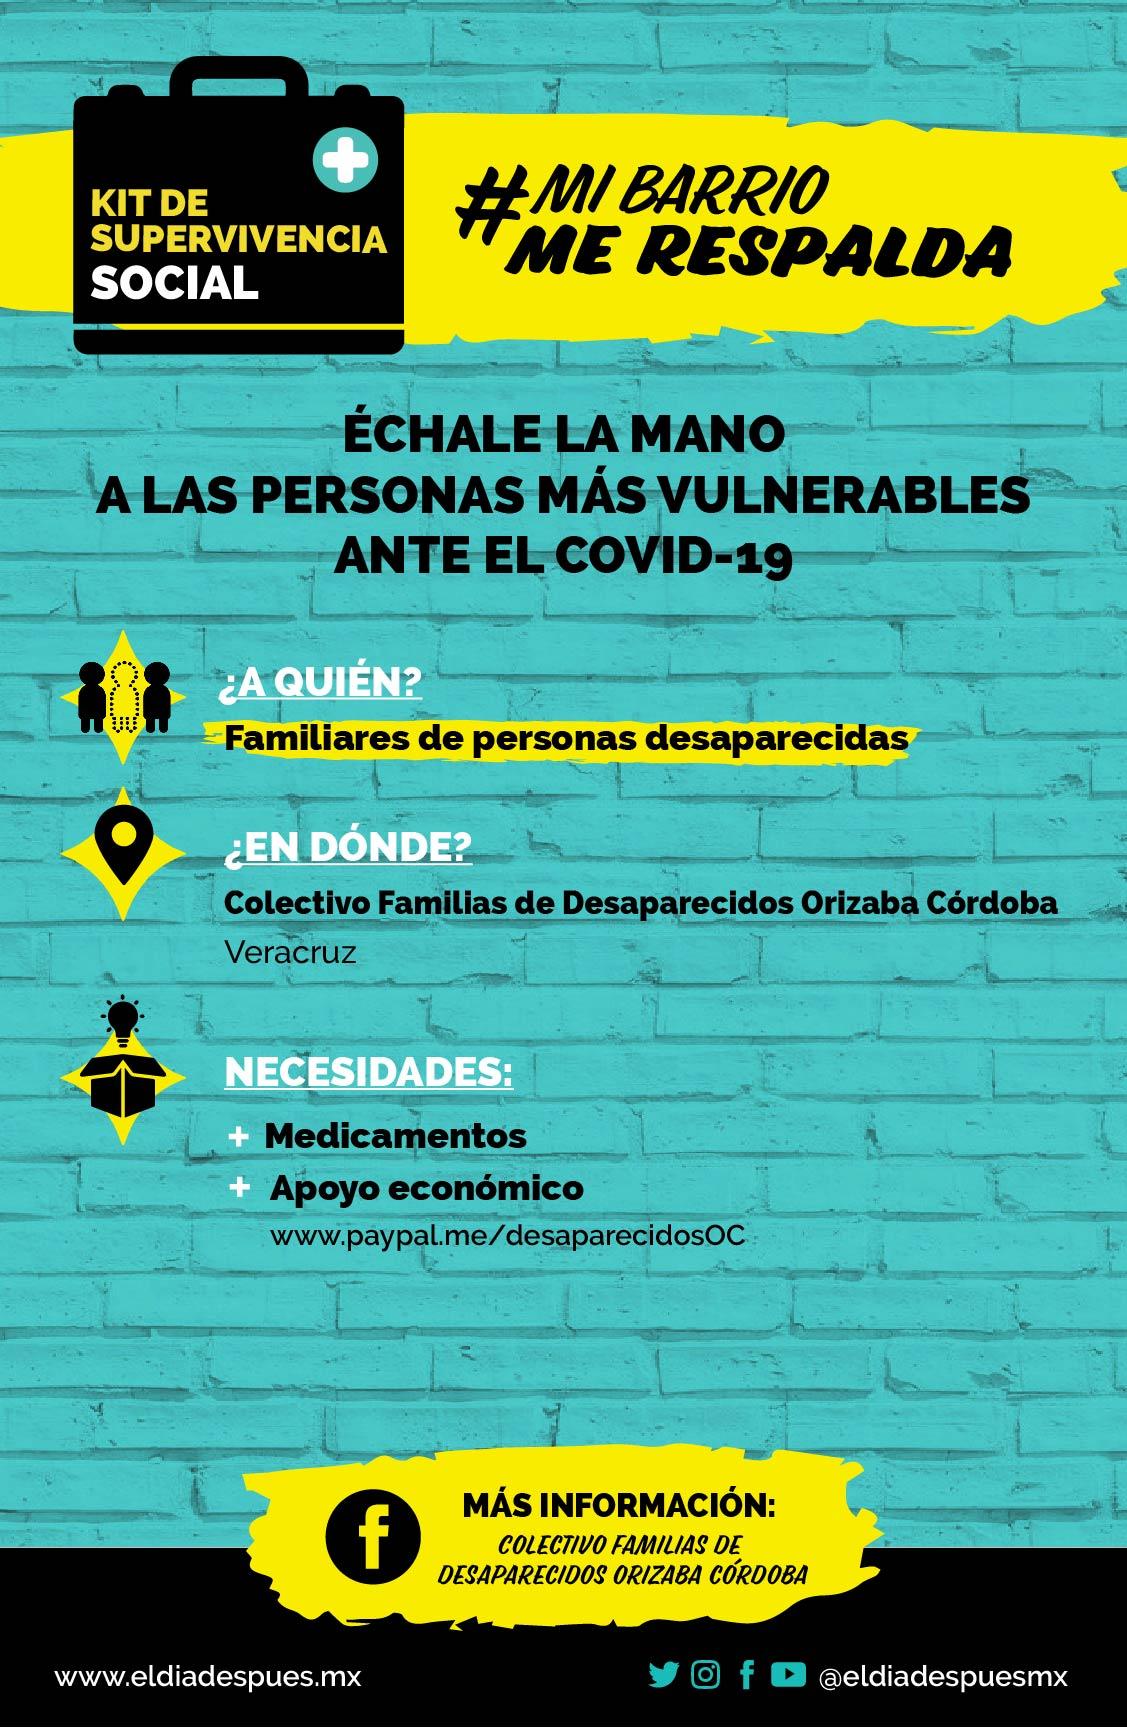 4. Familias de Desaparecidos Orizaba Córdoba